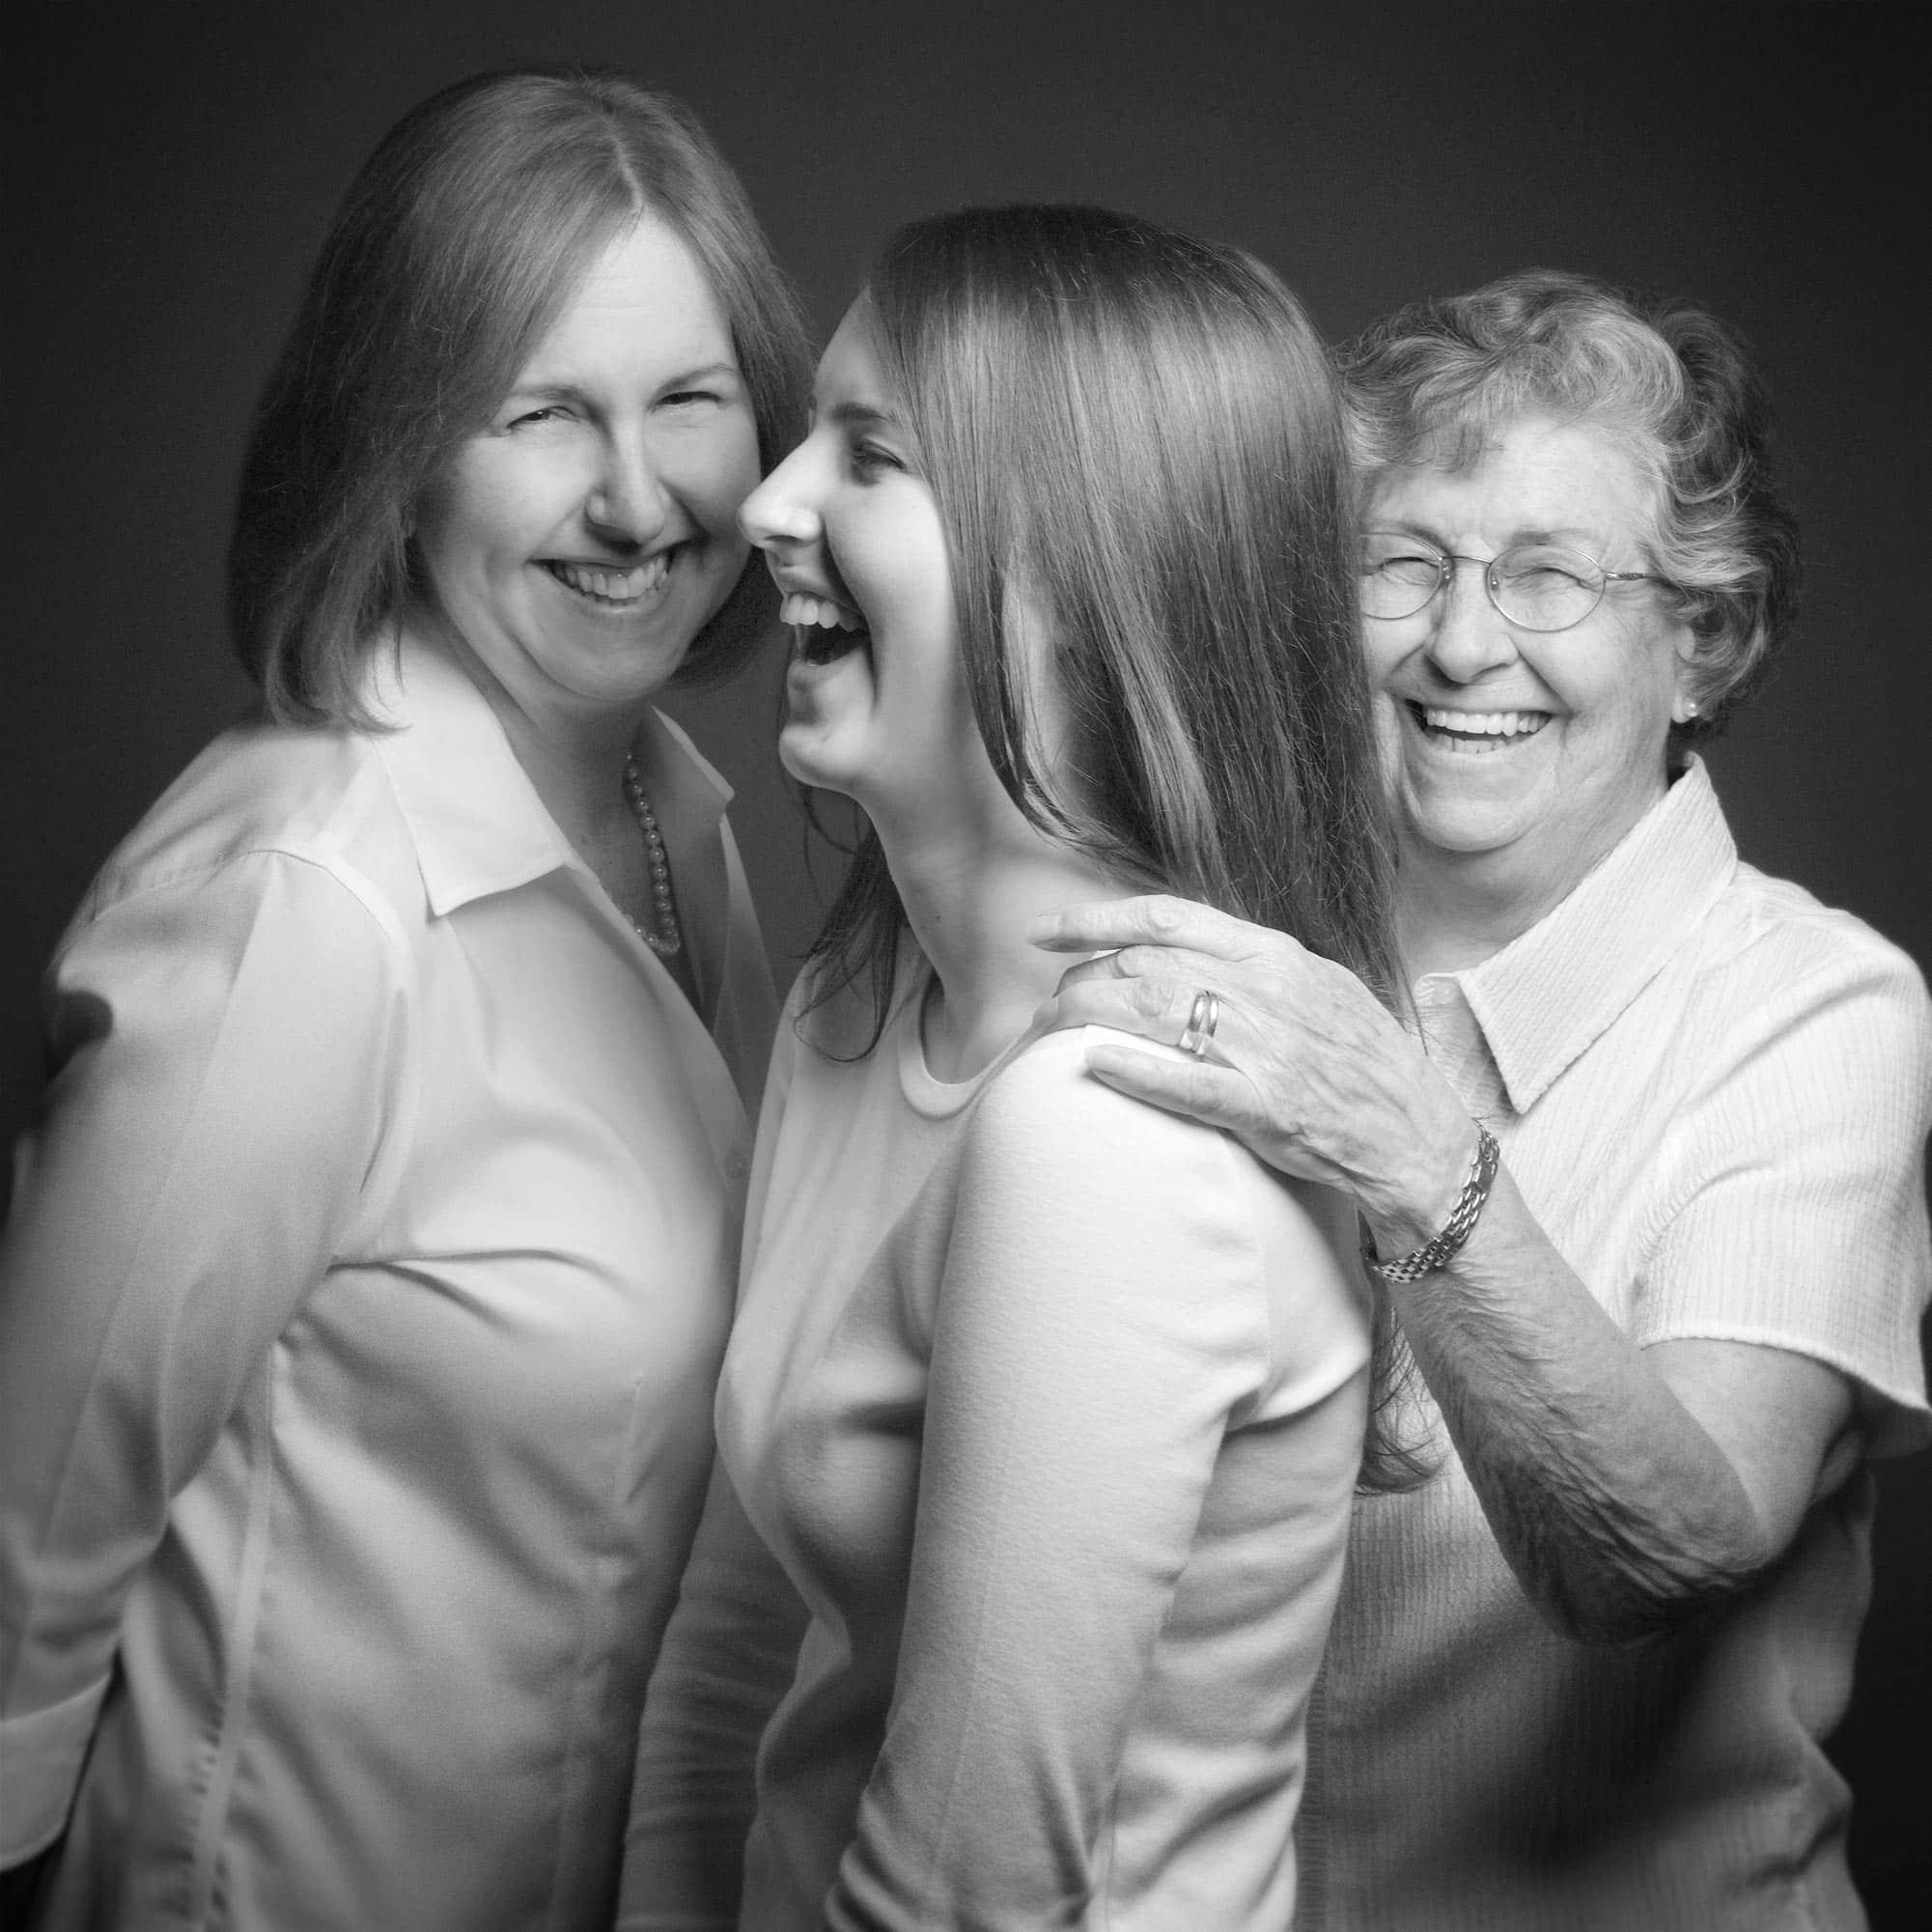 Family-photo-studio-near-me